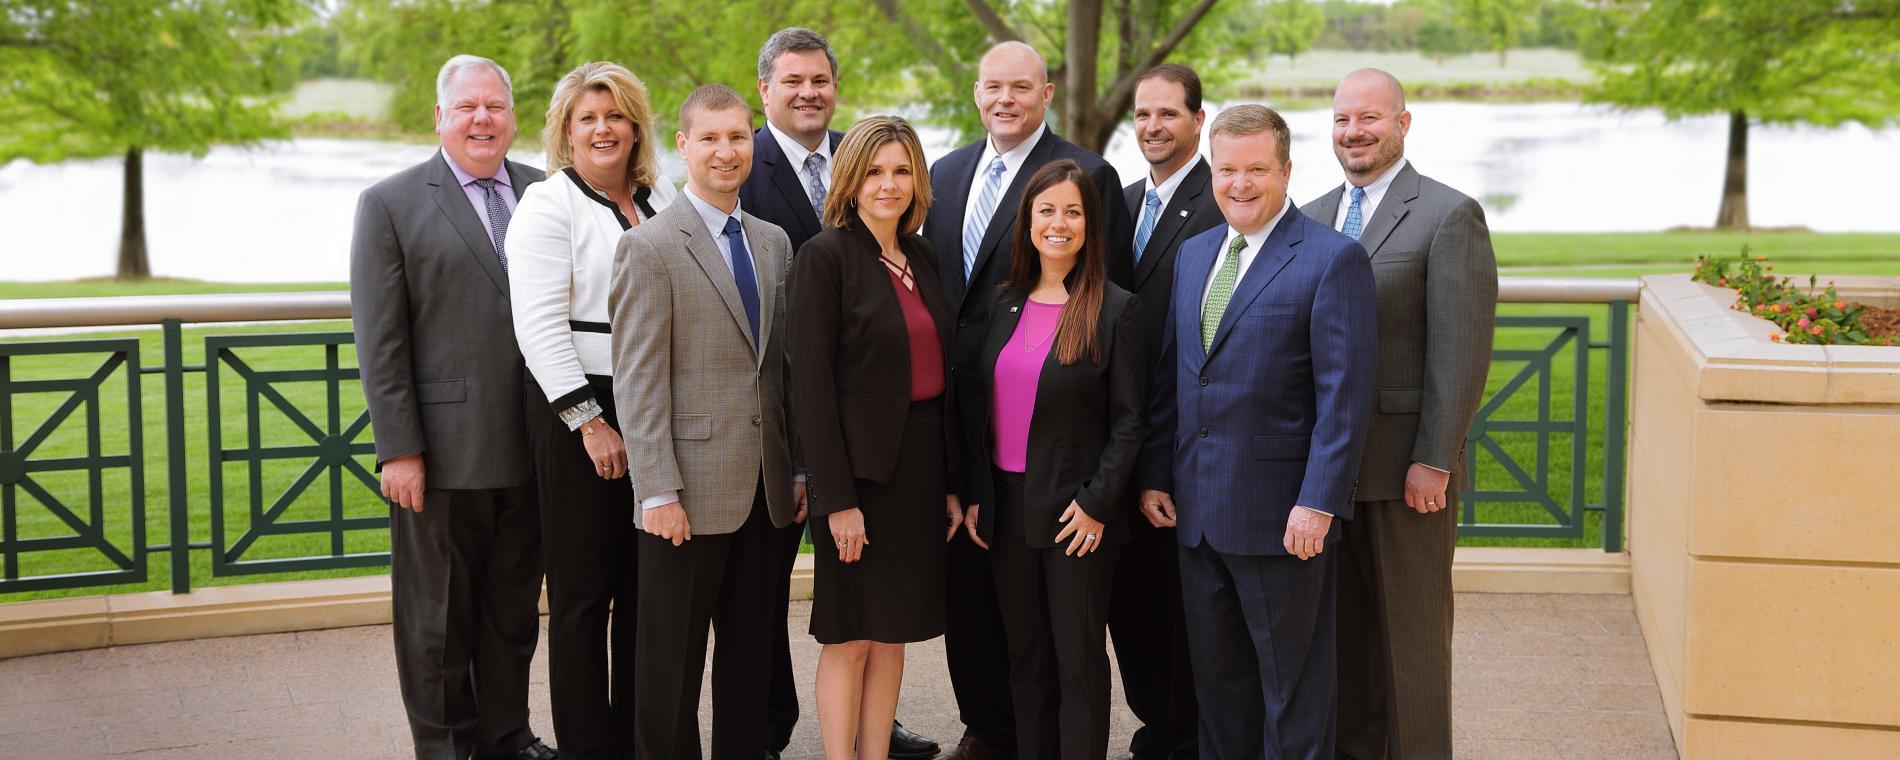 BKD Partners Outside Visit Wichita